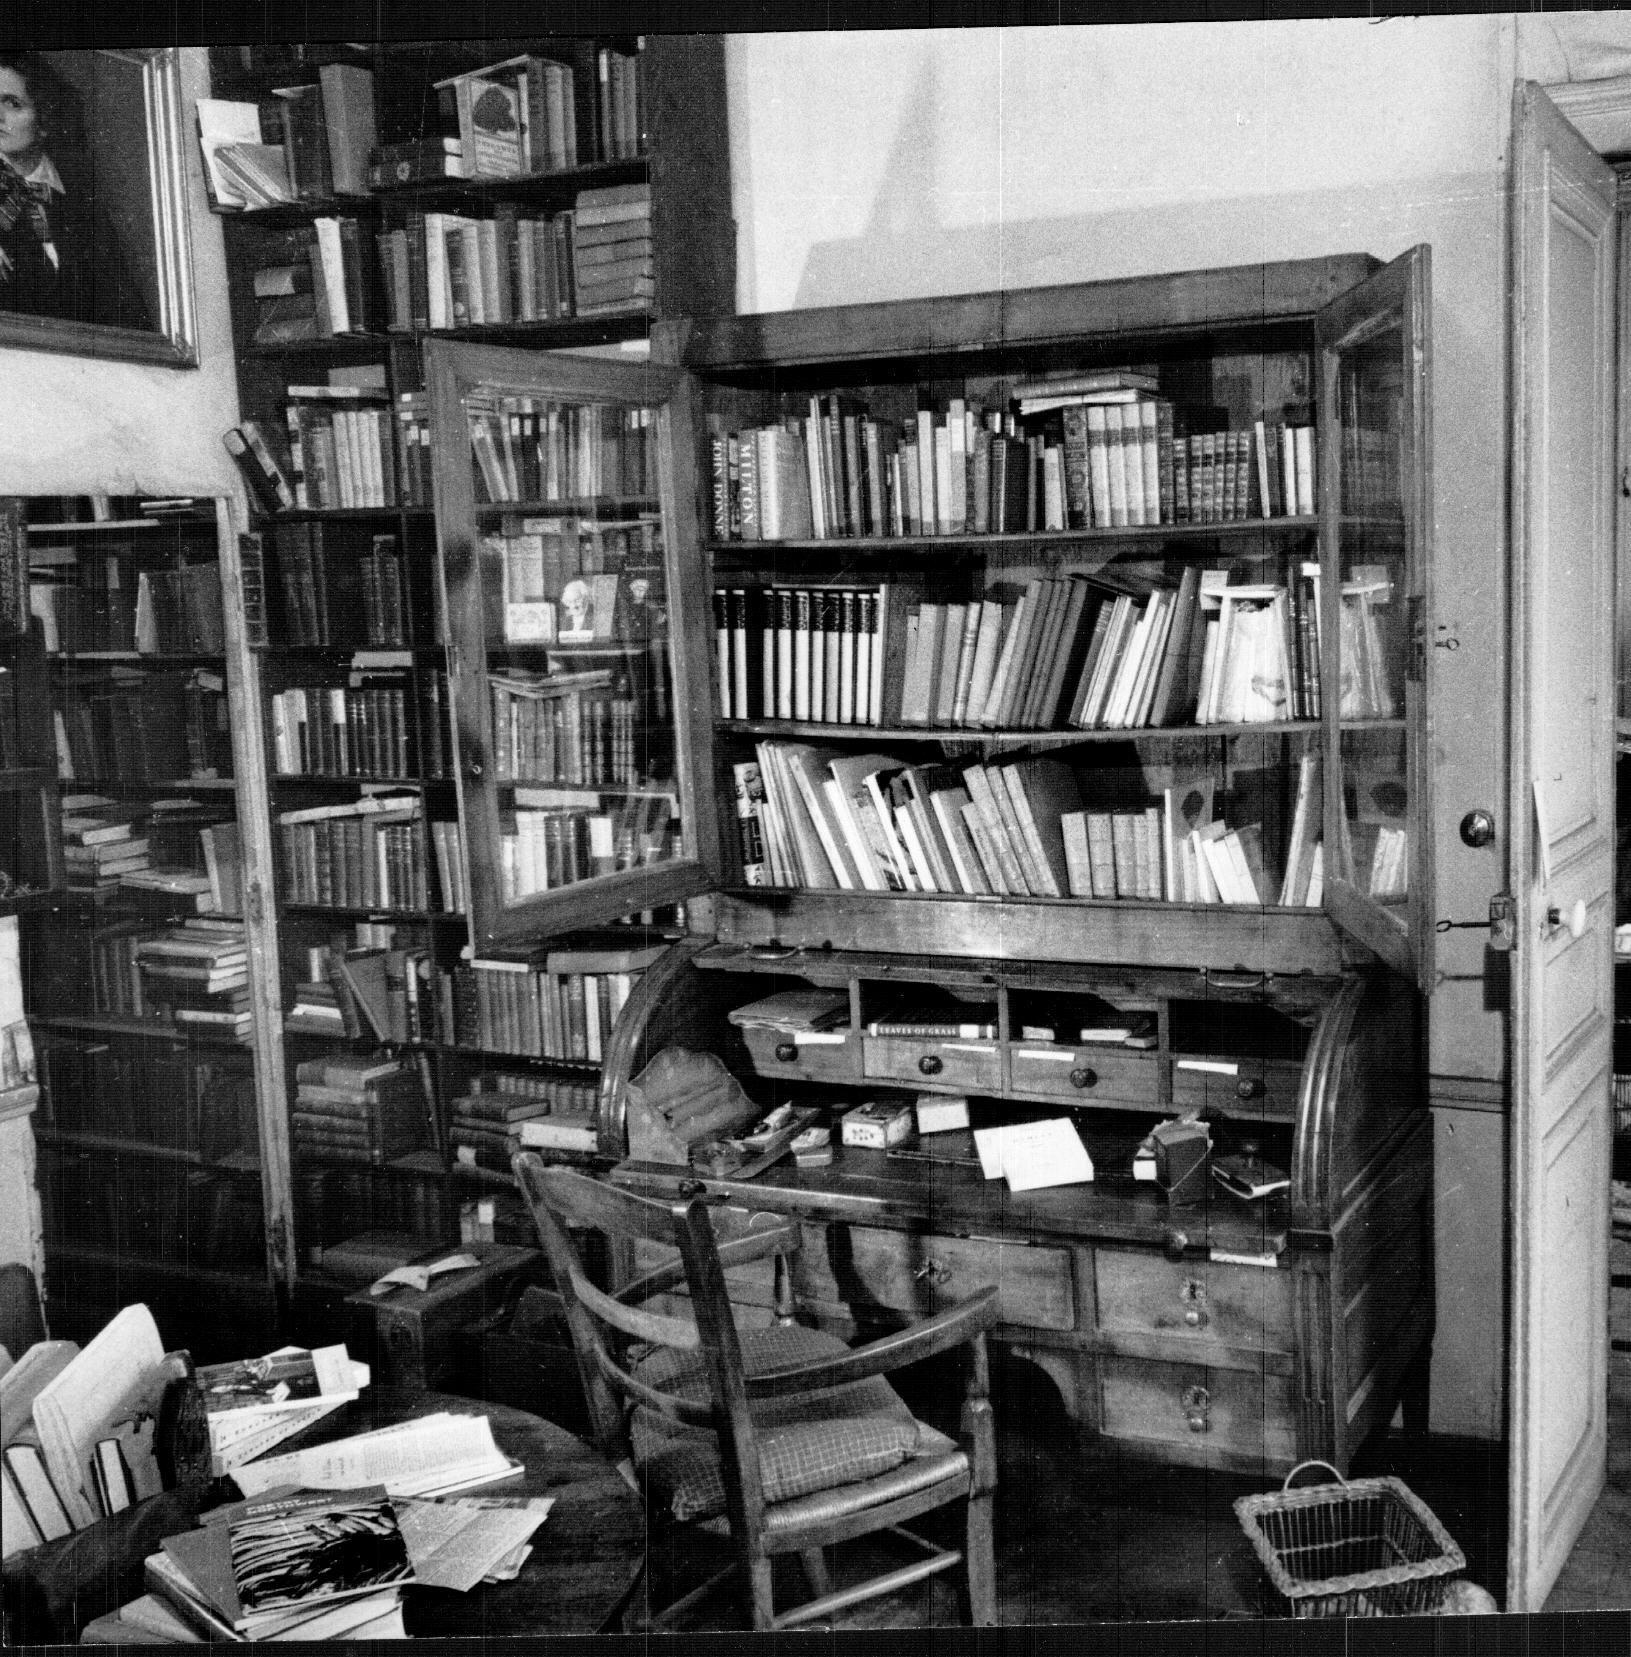 http://blogs.princeton.edu/rarebooks/images/1964-SB-C0108-bx276-1.jpg